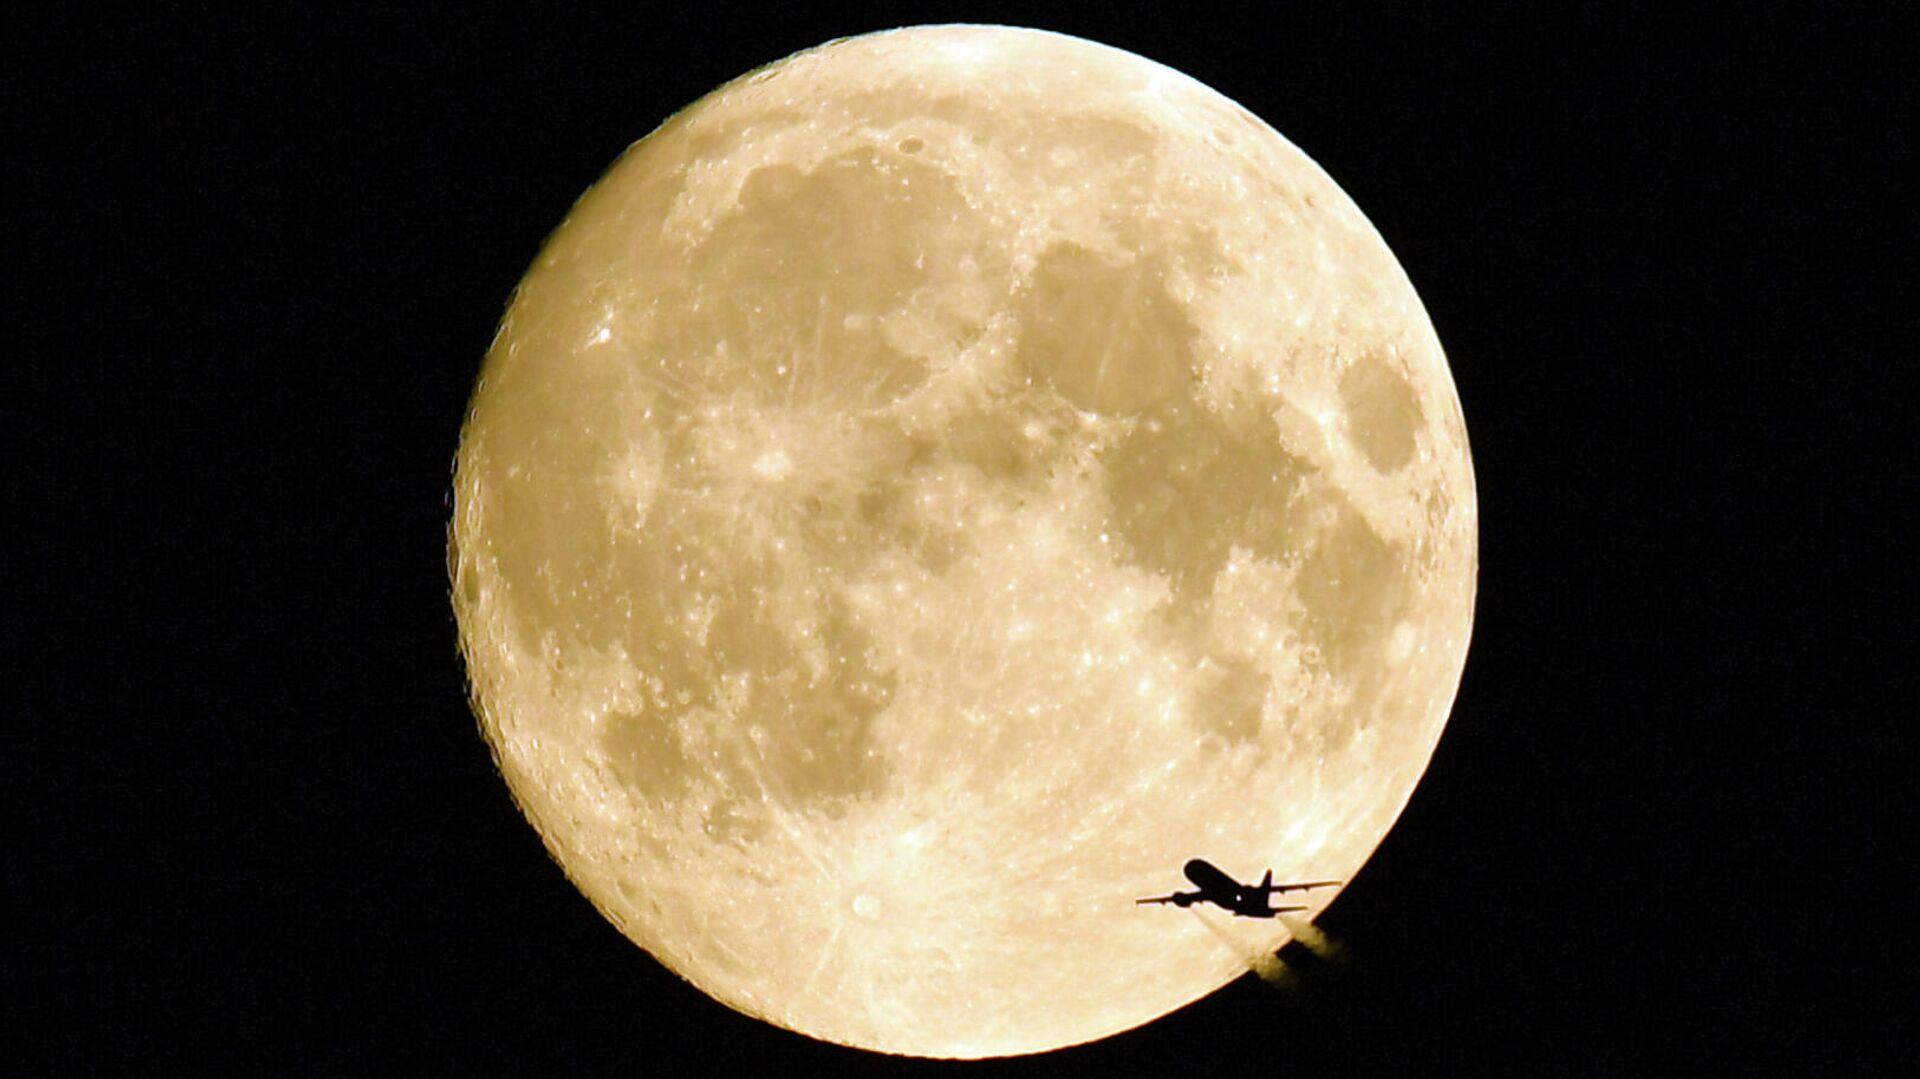 Летящий самолет на фоне полной Луны - РИА Новости, 1920, 15.09.2021